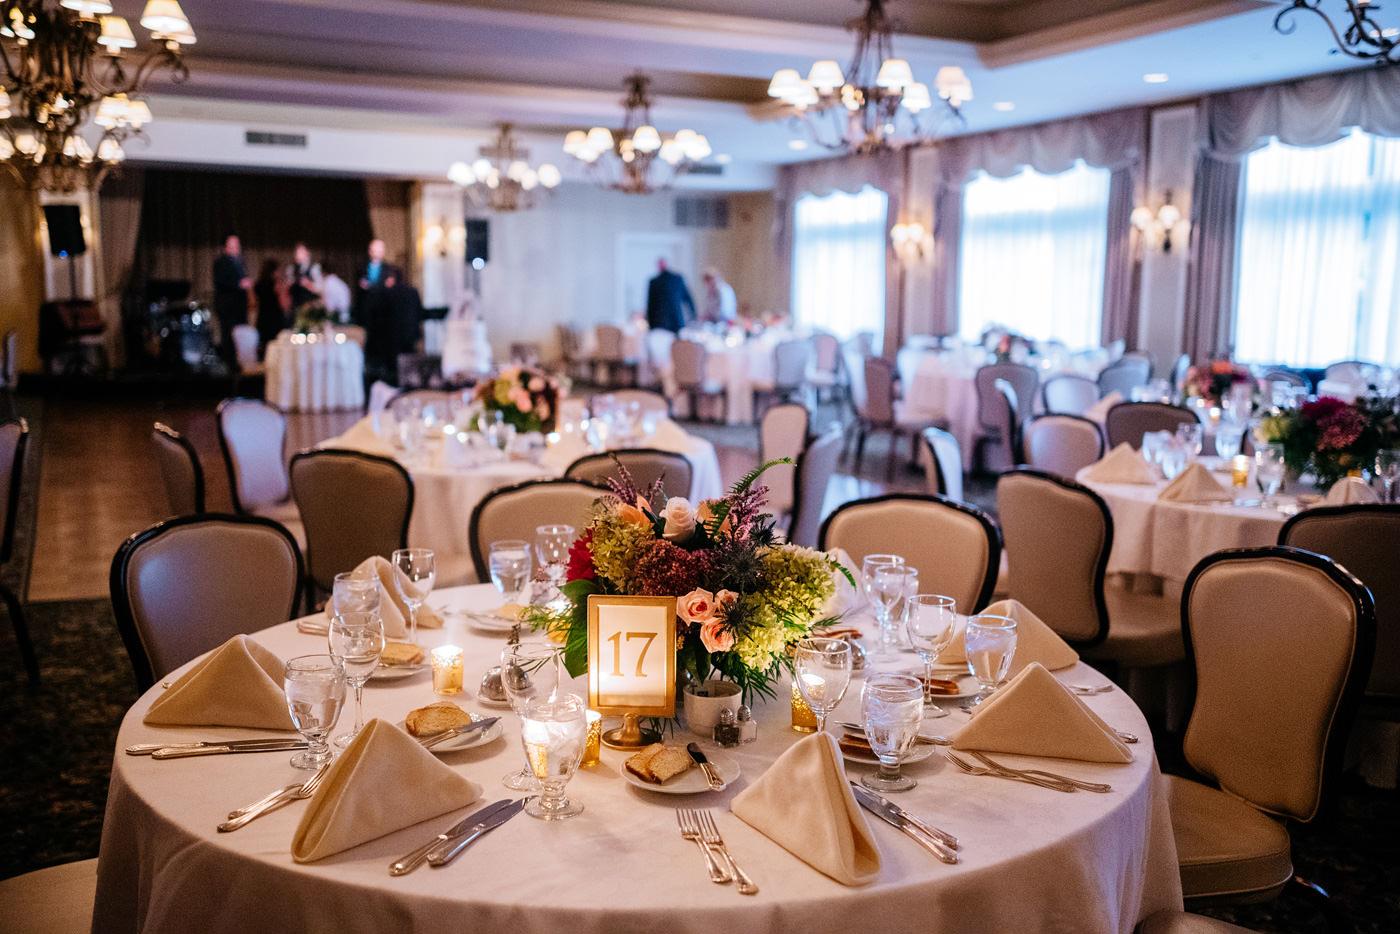 st clair country club wedding reception